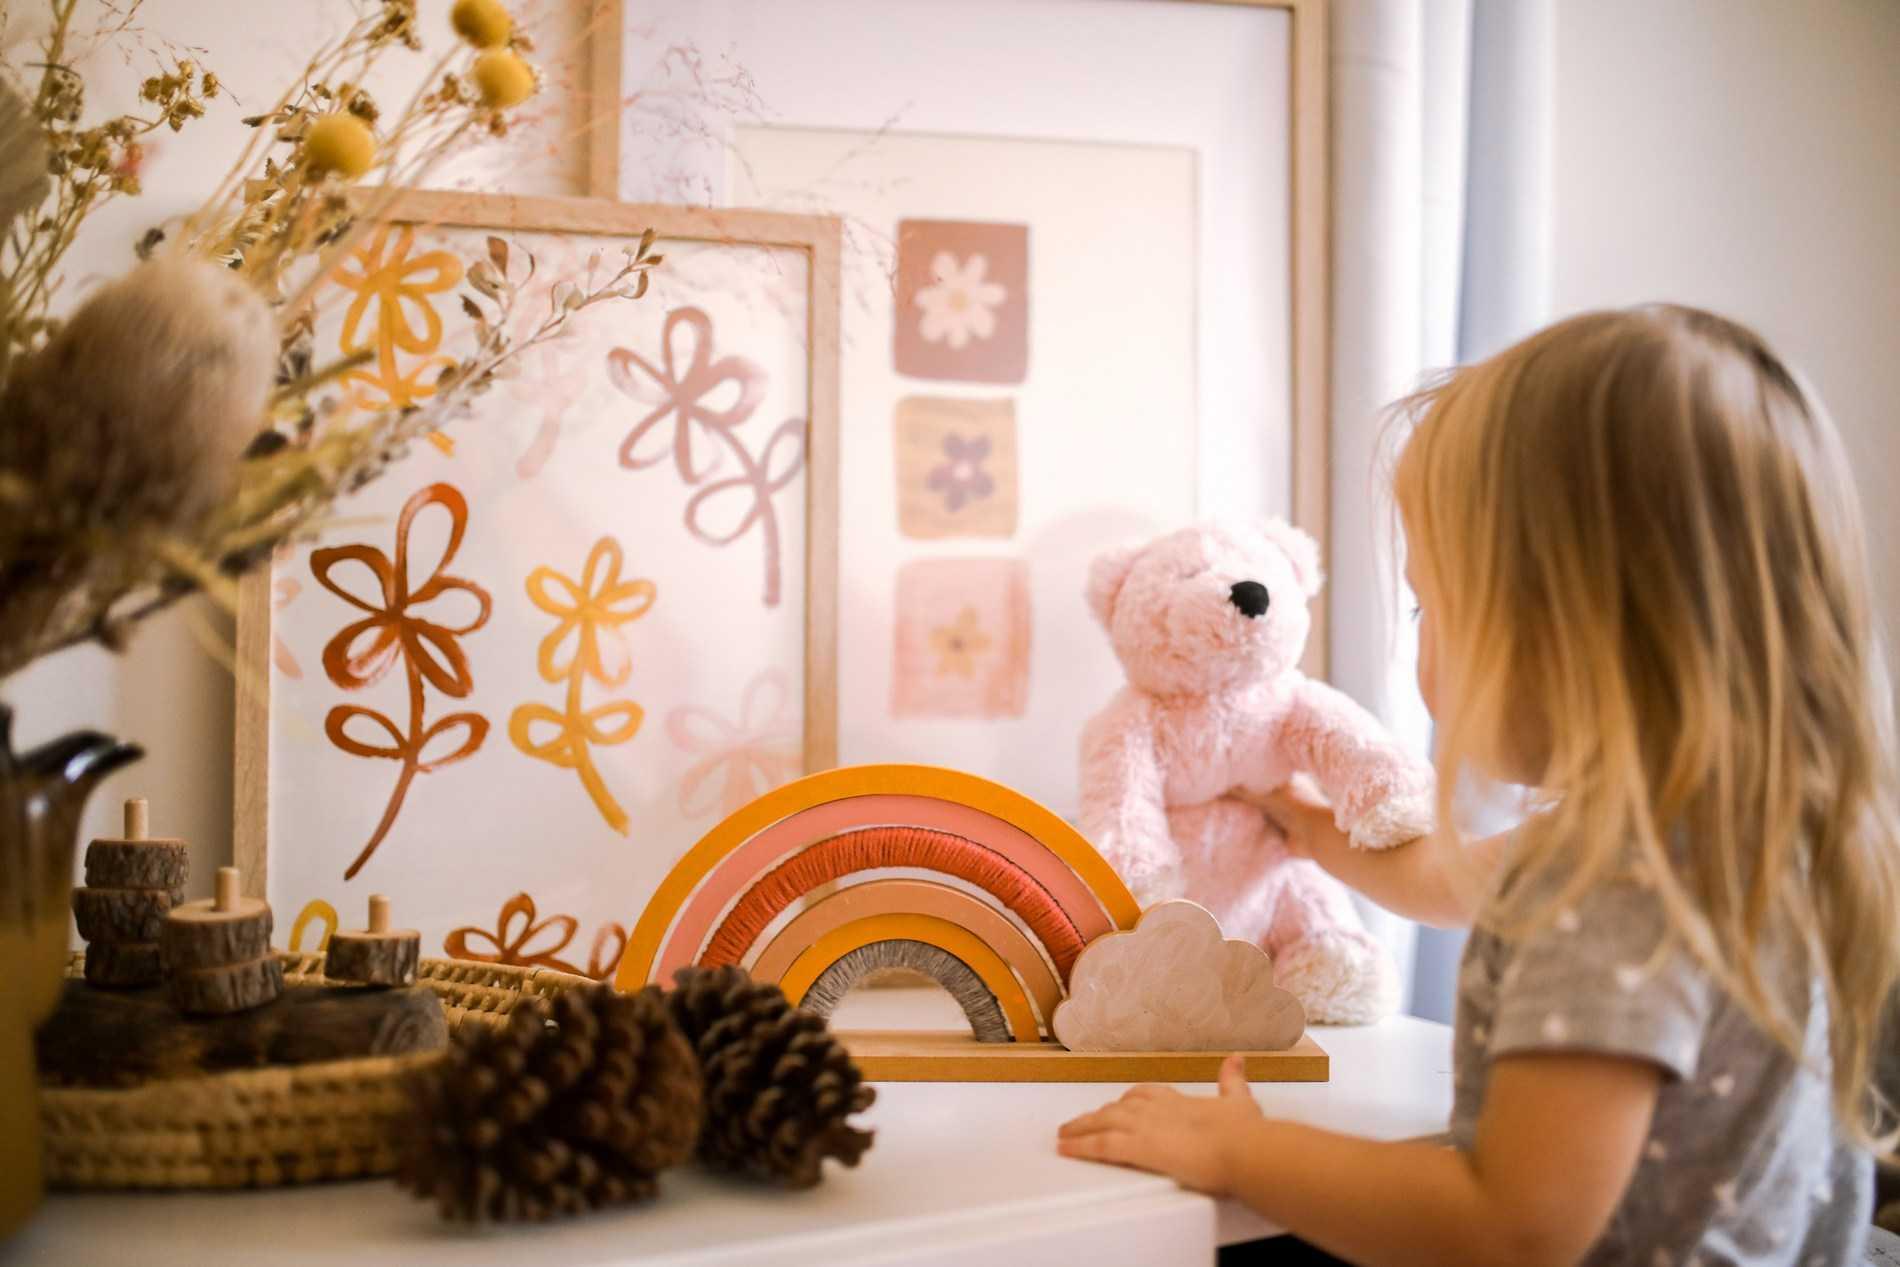 Воображаемые друзья у ребенка: стоит ли беспокоиться родителям? воображаемые друзья у вашего ребенка: кто они и есть ли повод для беспокойства.